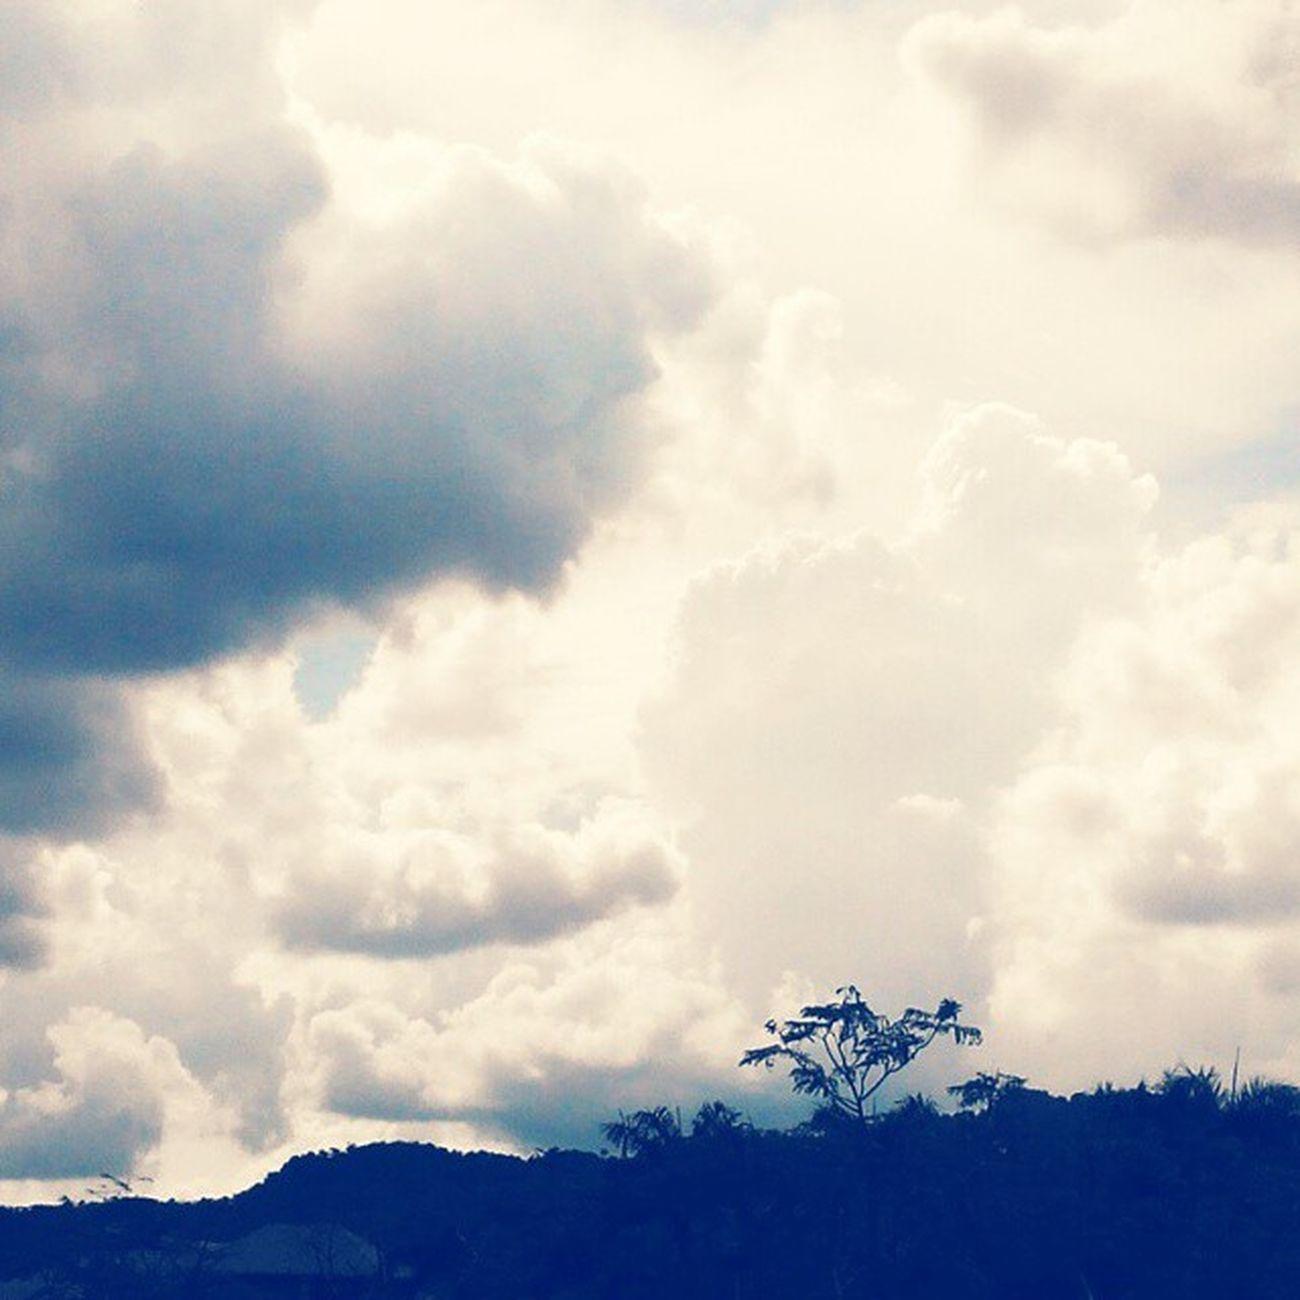 Malaysia Tanjungmalim Upsi Cloudysky Scenery Daylight Nature Trees